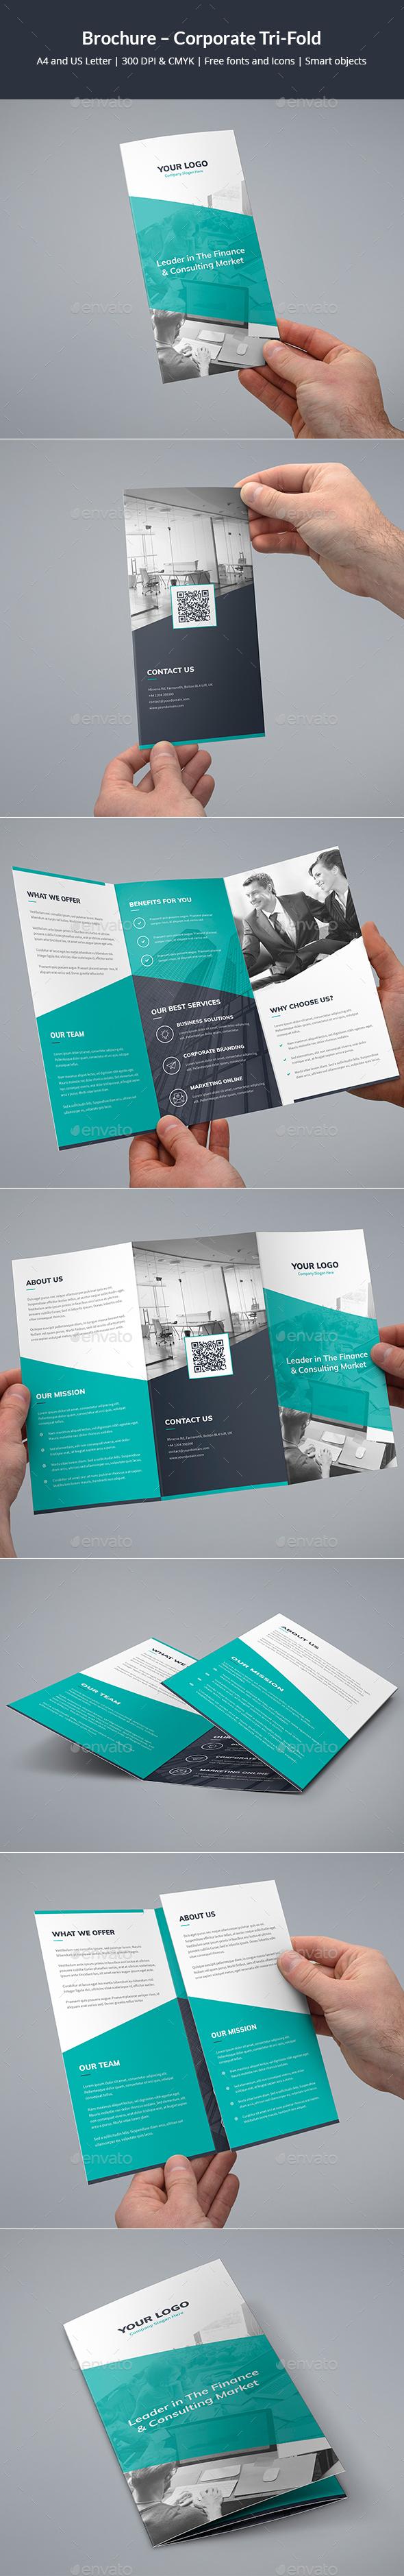 Brochure – Corporate Tri-Fold - Corporate Brochures